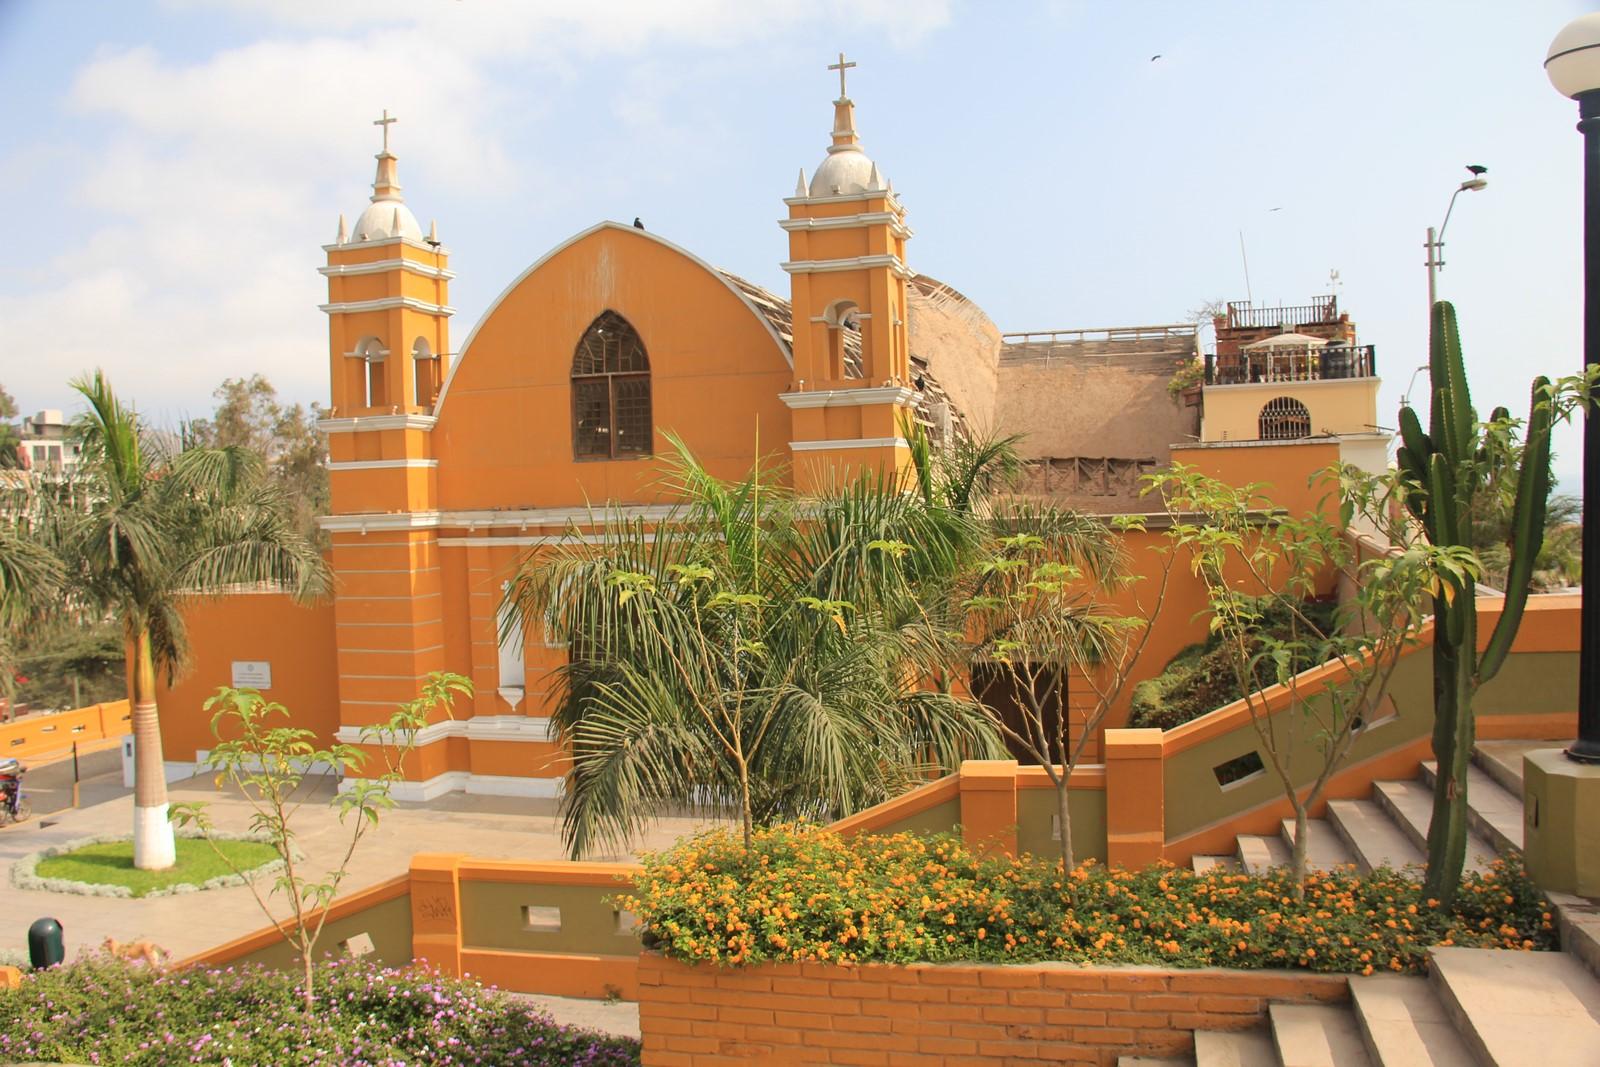 Jours 272 & 273 : Découverte de Lima, la capitale du Pérou !